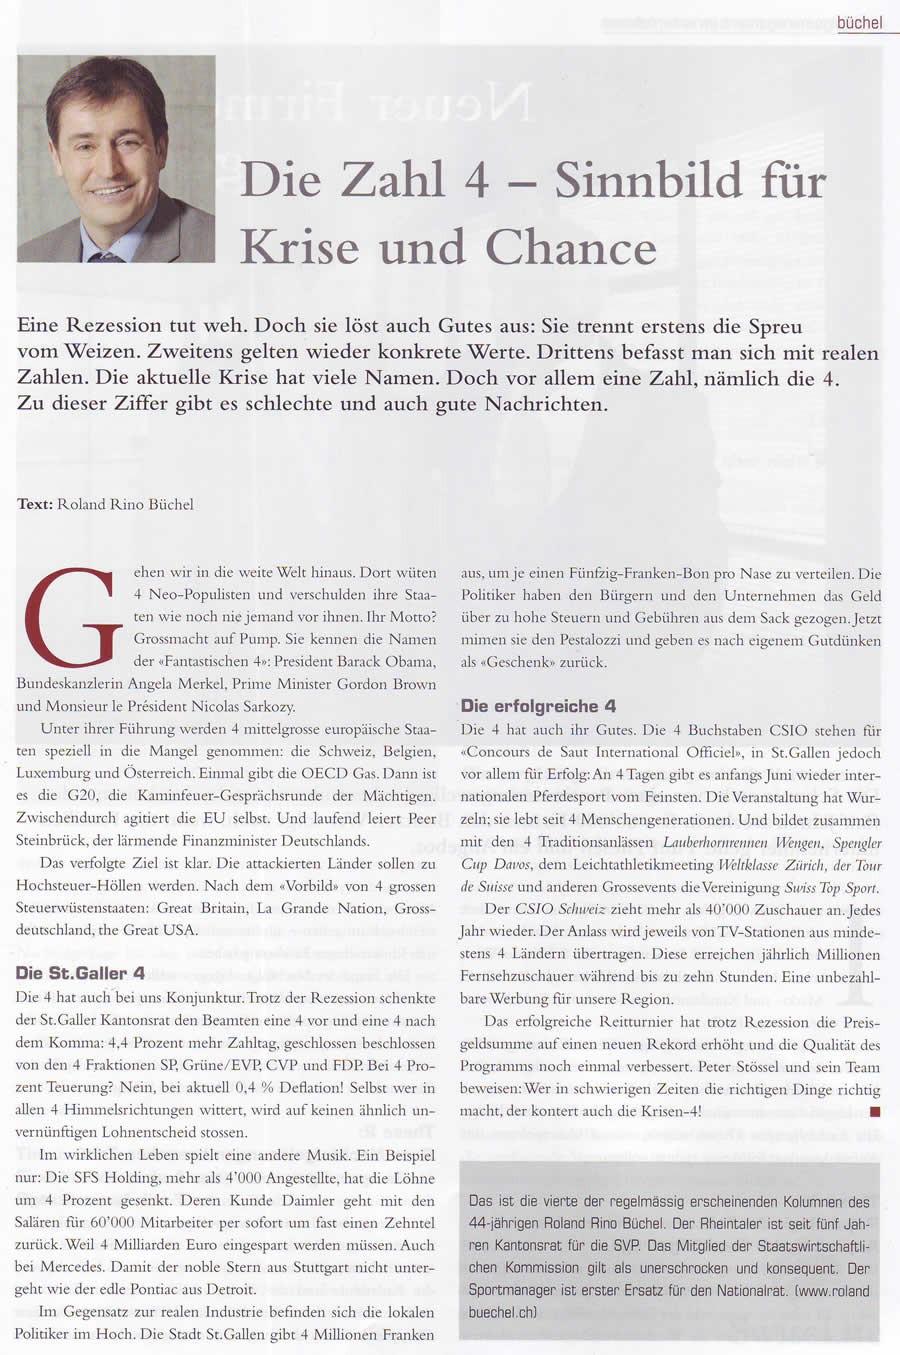 Büchel: Die Zahl 4 - Sinnbild für Krise und Chance